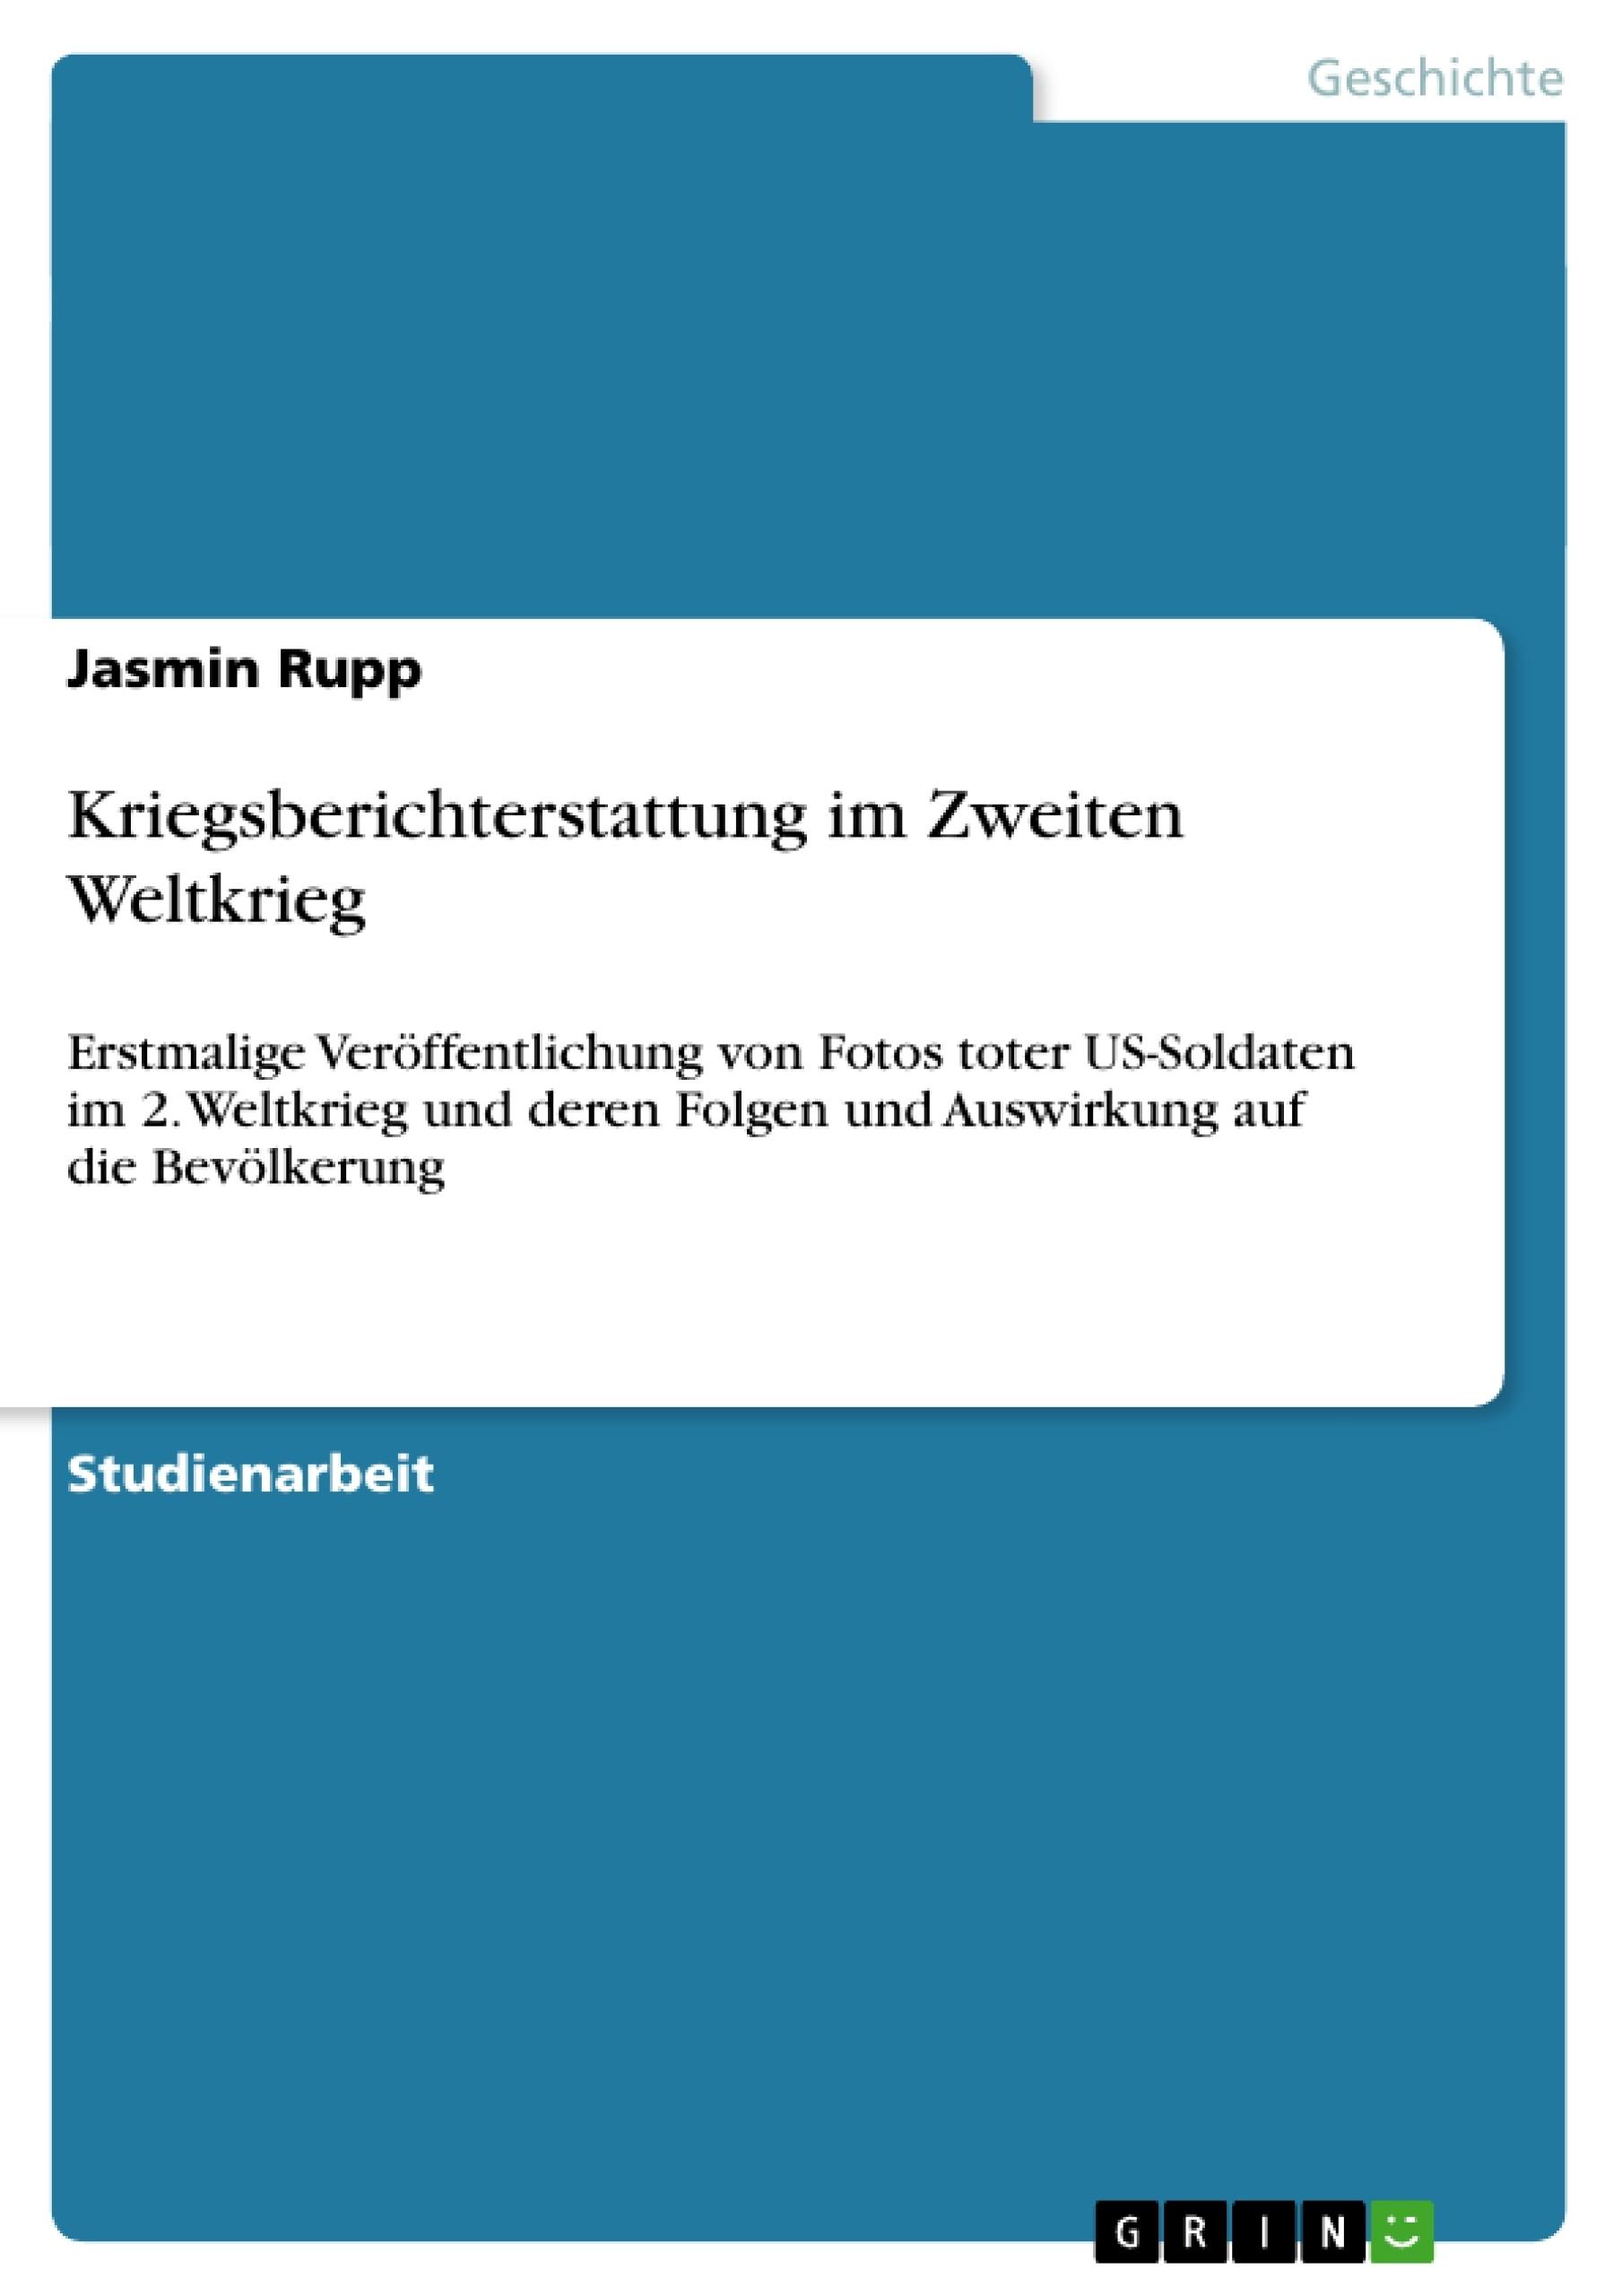 Titel: Kriegsberichterstattung im Zweiten Weltkrieg